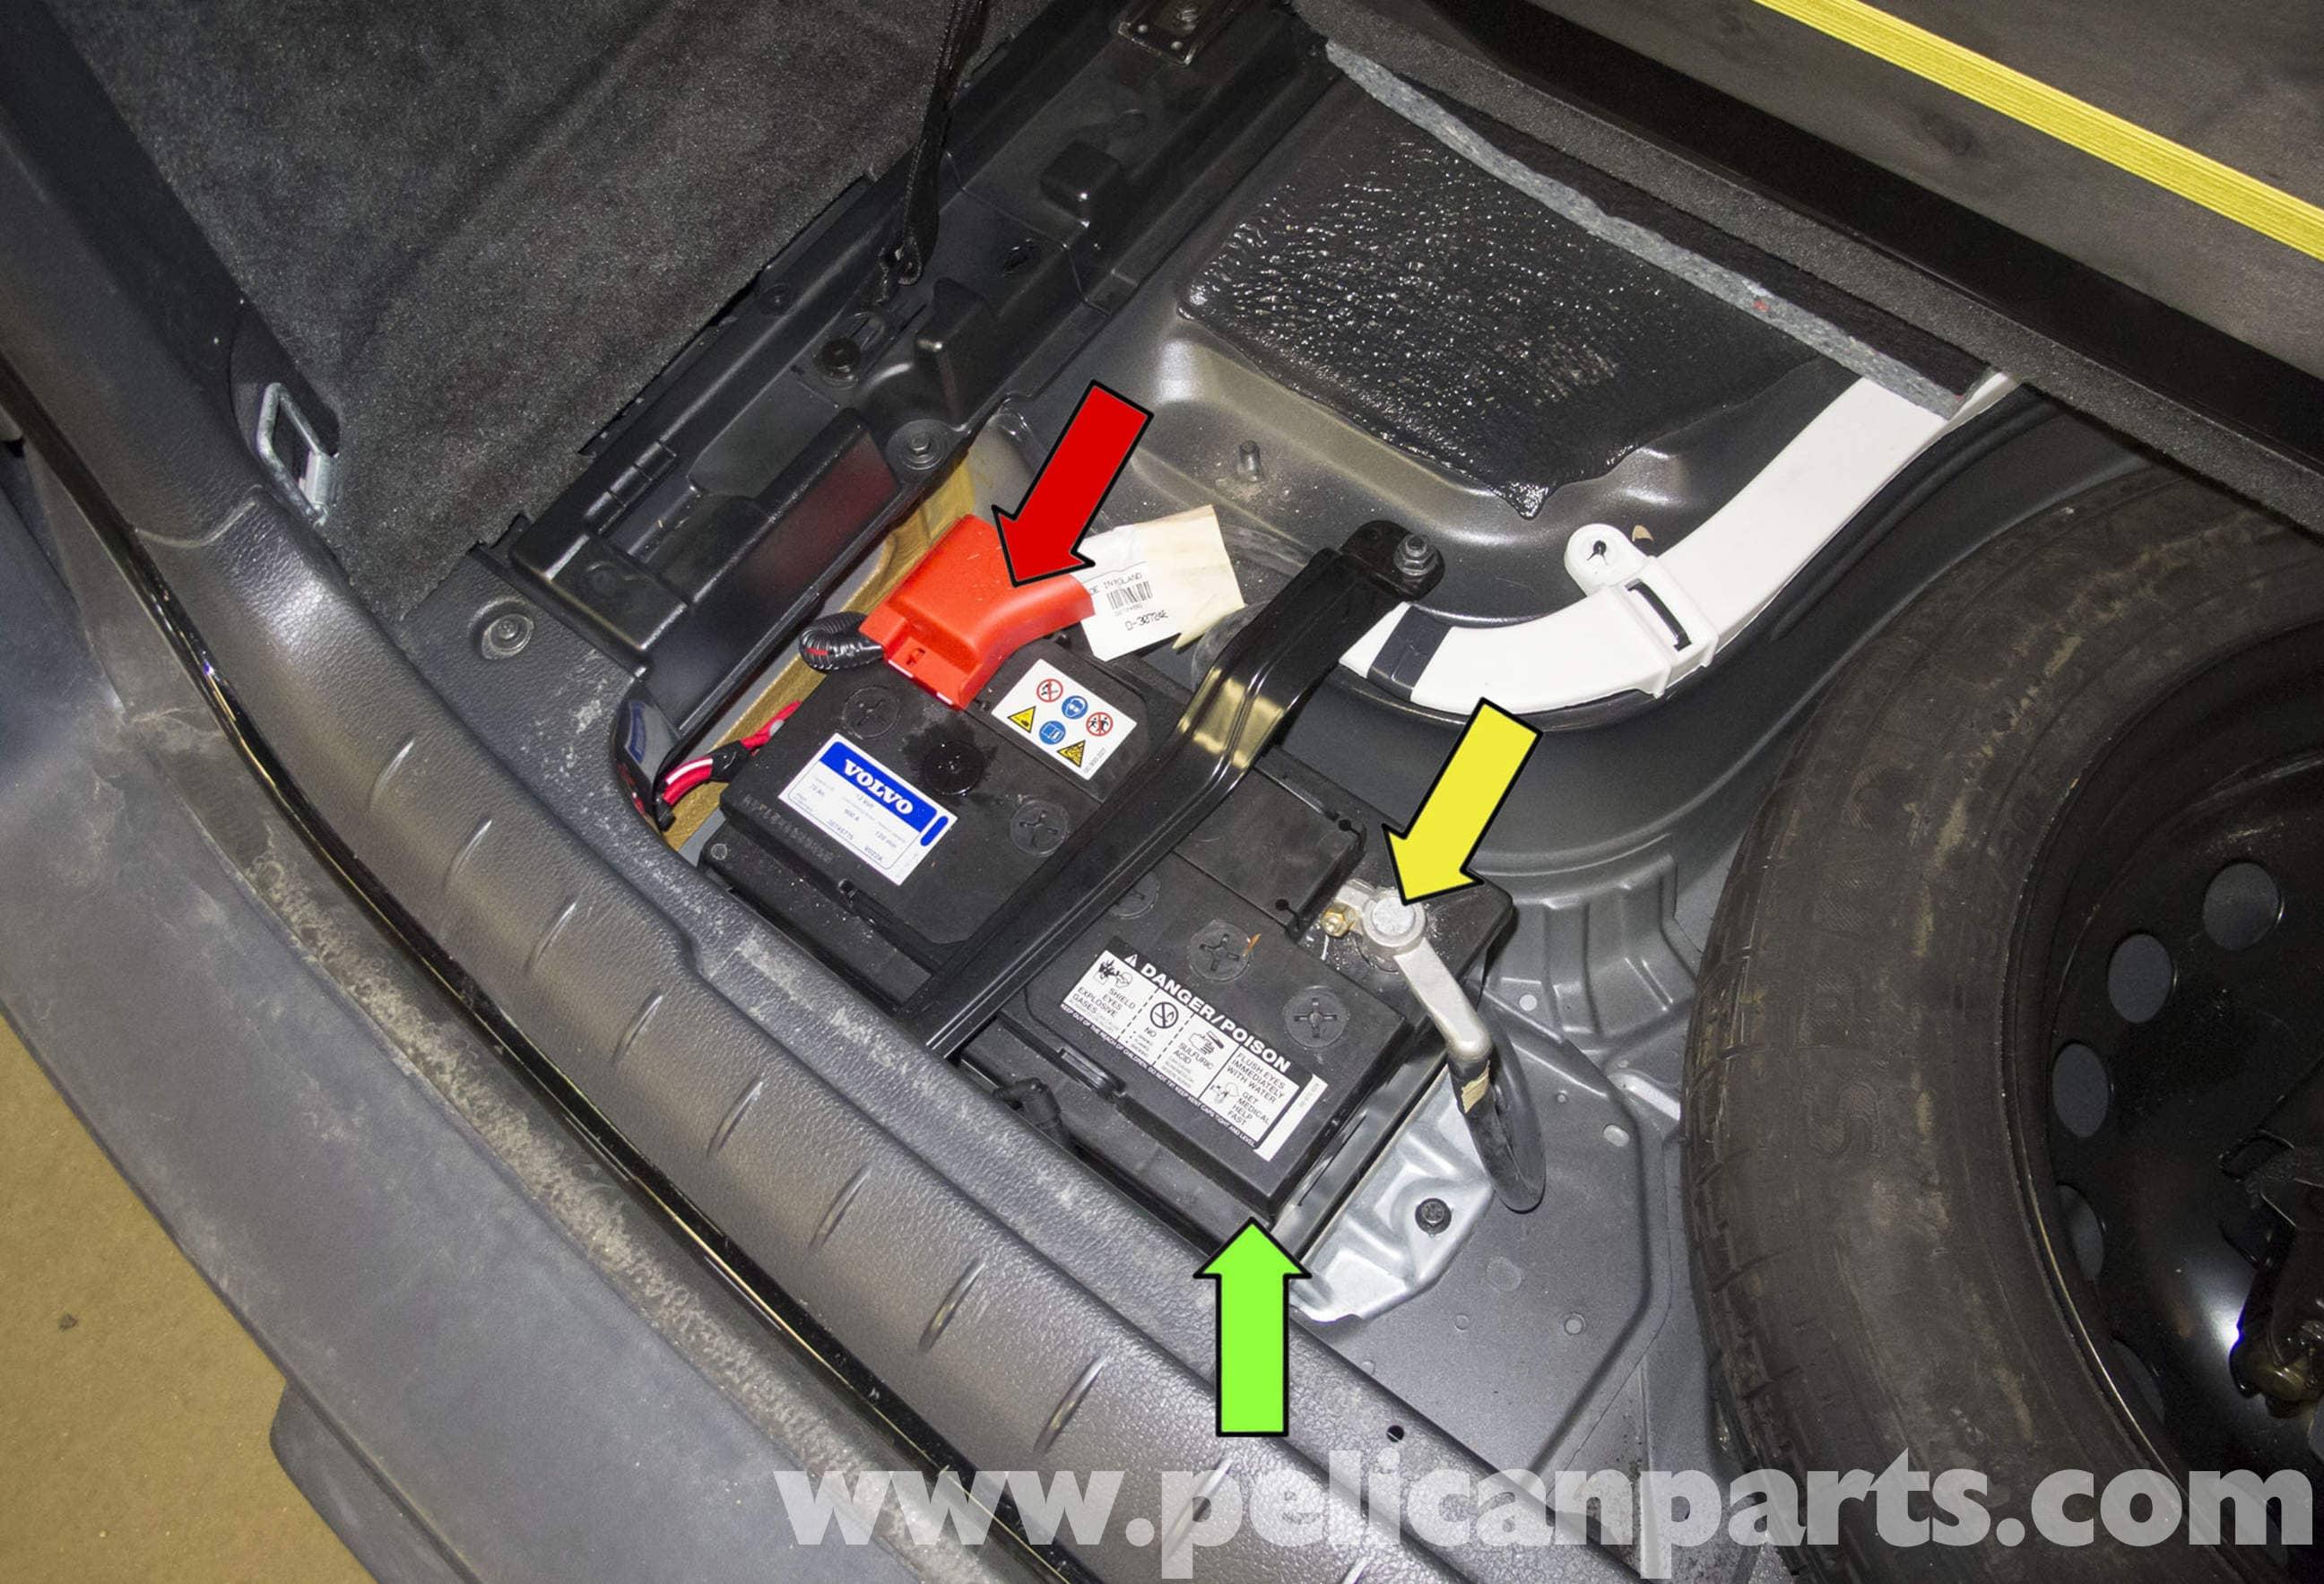 fuse box in volvo s80    volvo    late v70 battery replacement v70  2002 2006     volvo    late v70 battery replacement v70  2002 2006